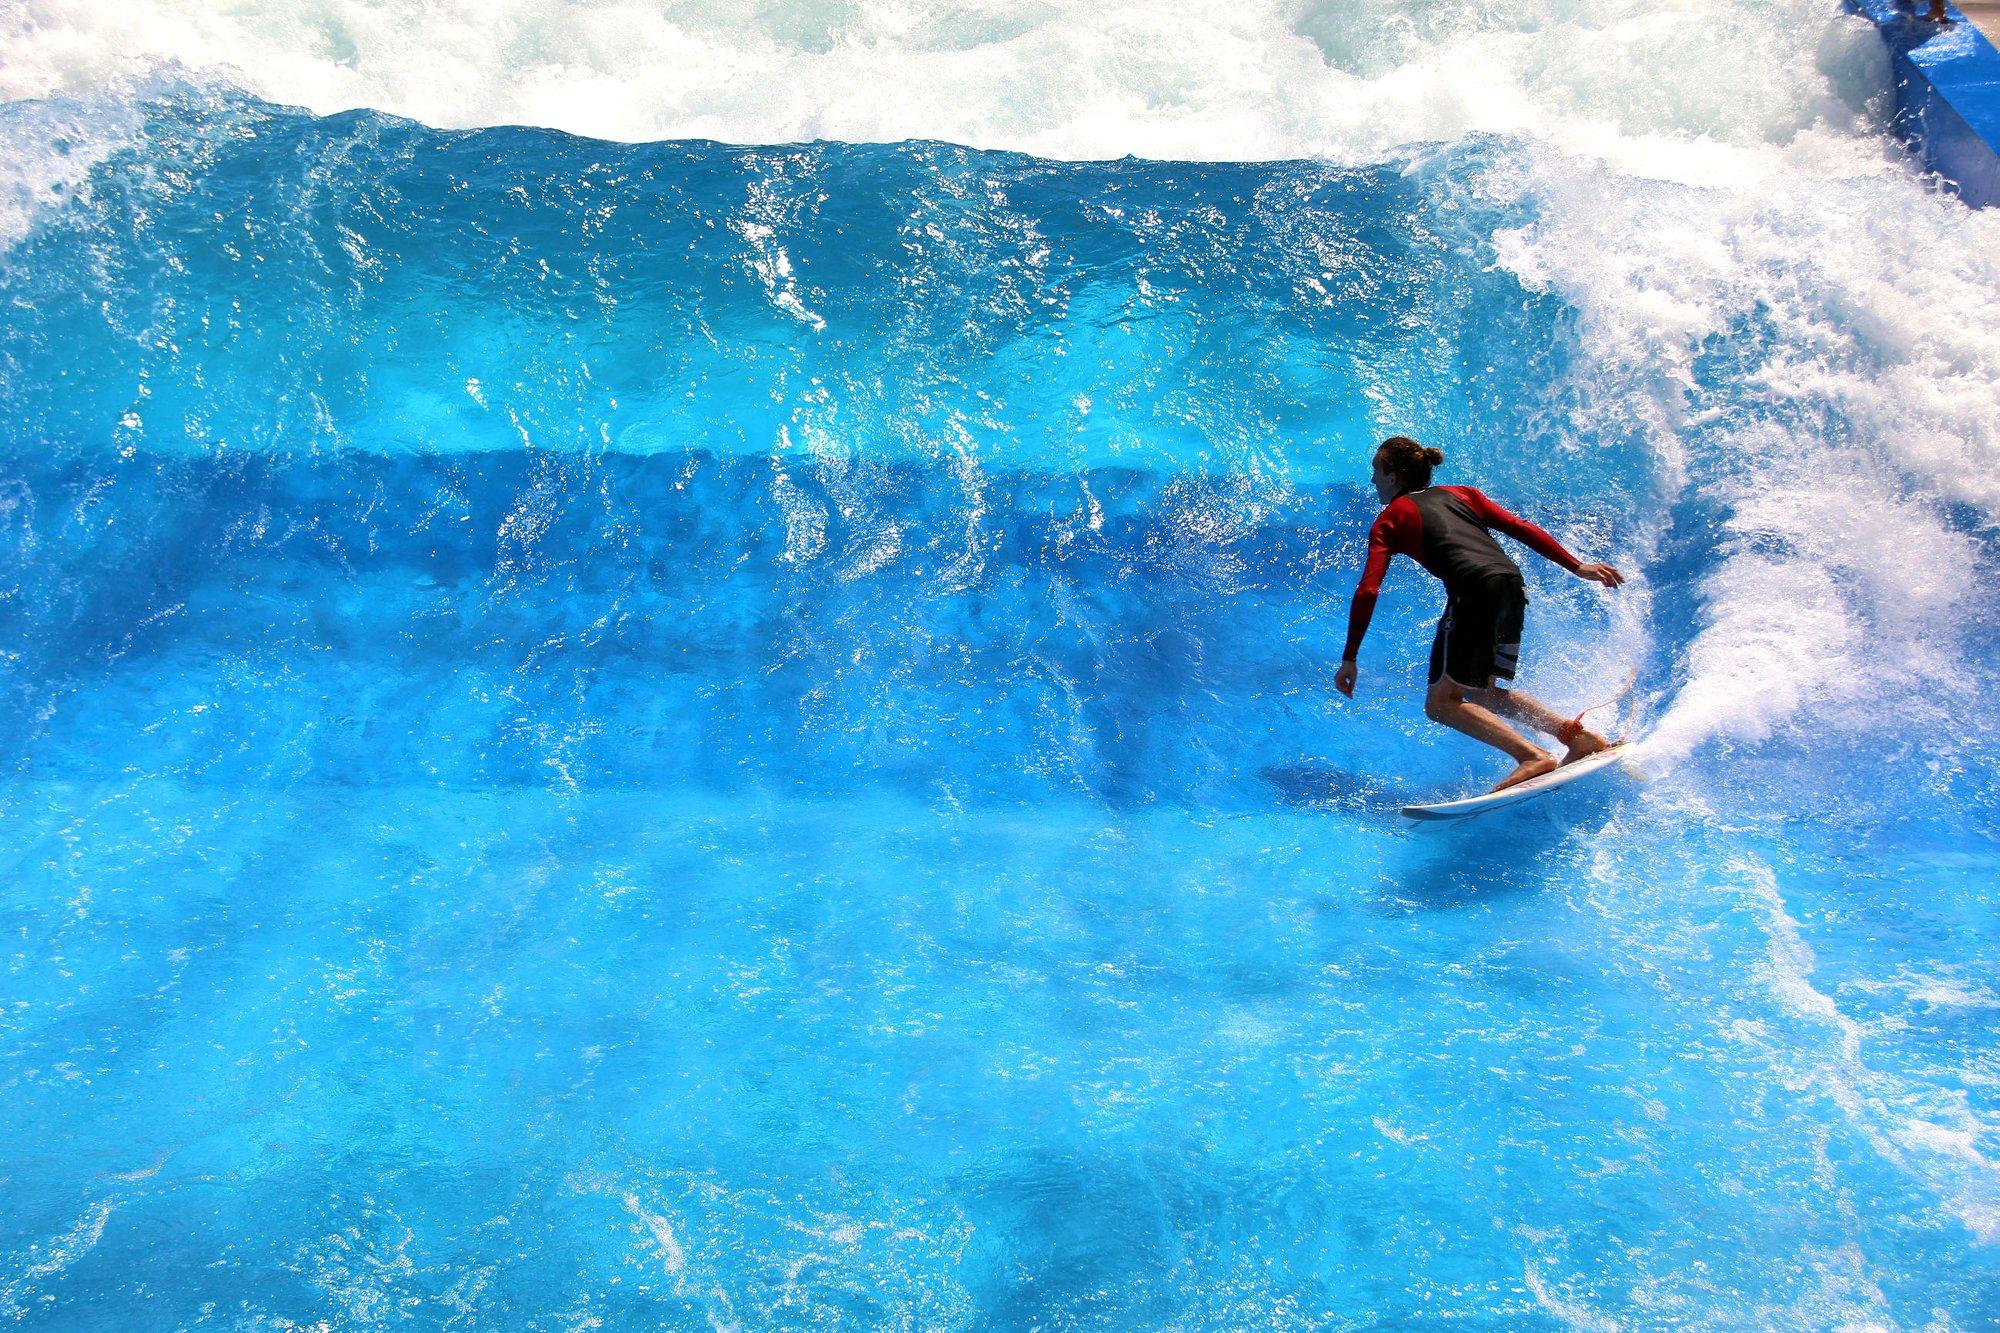 Die 3CityWave in Wien bietet von Juni bis September Surfspaß pur fernab jeder Küste.